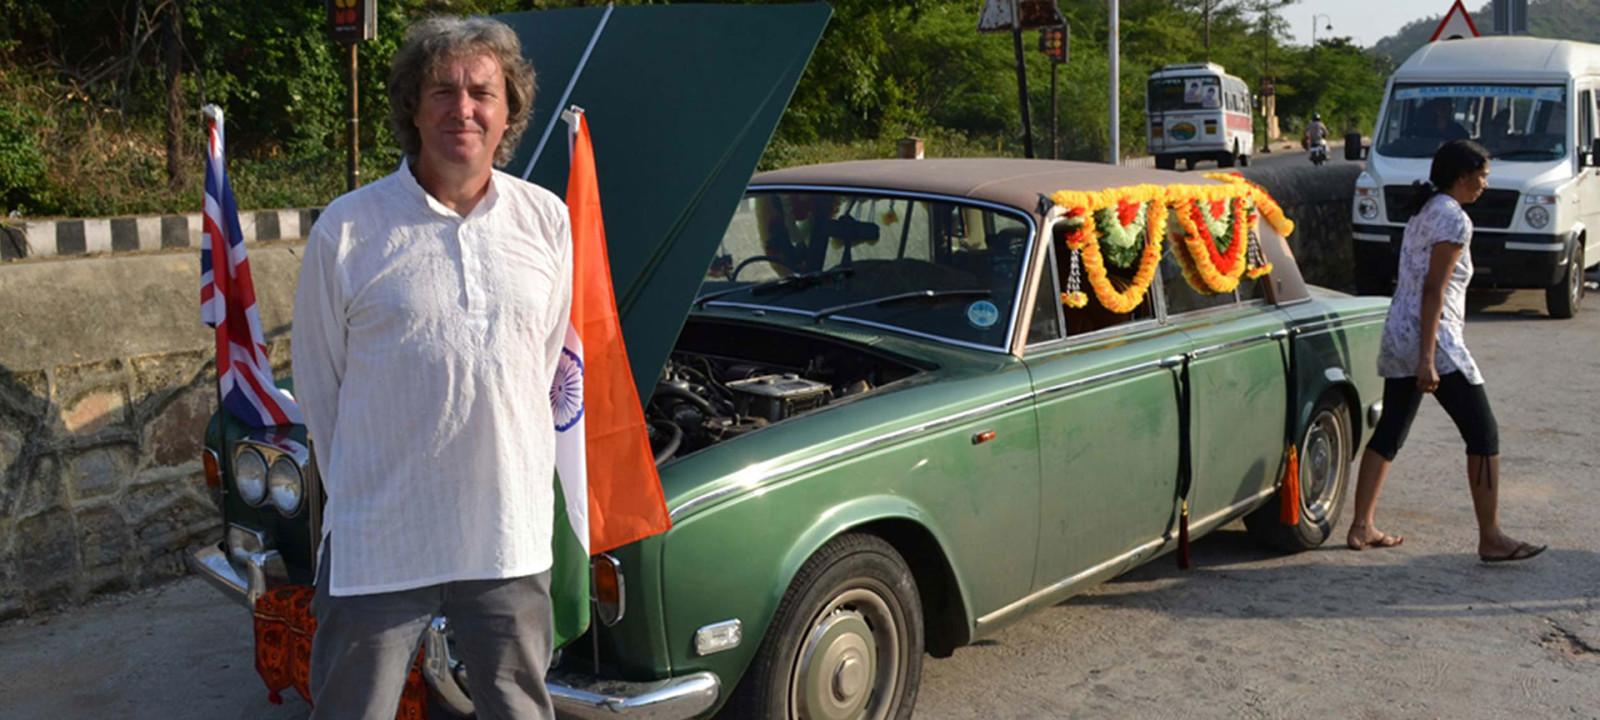 BBCA_TG_India_rev